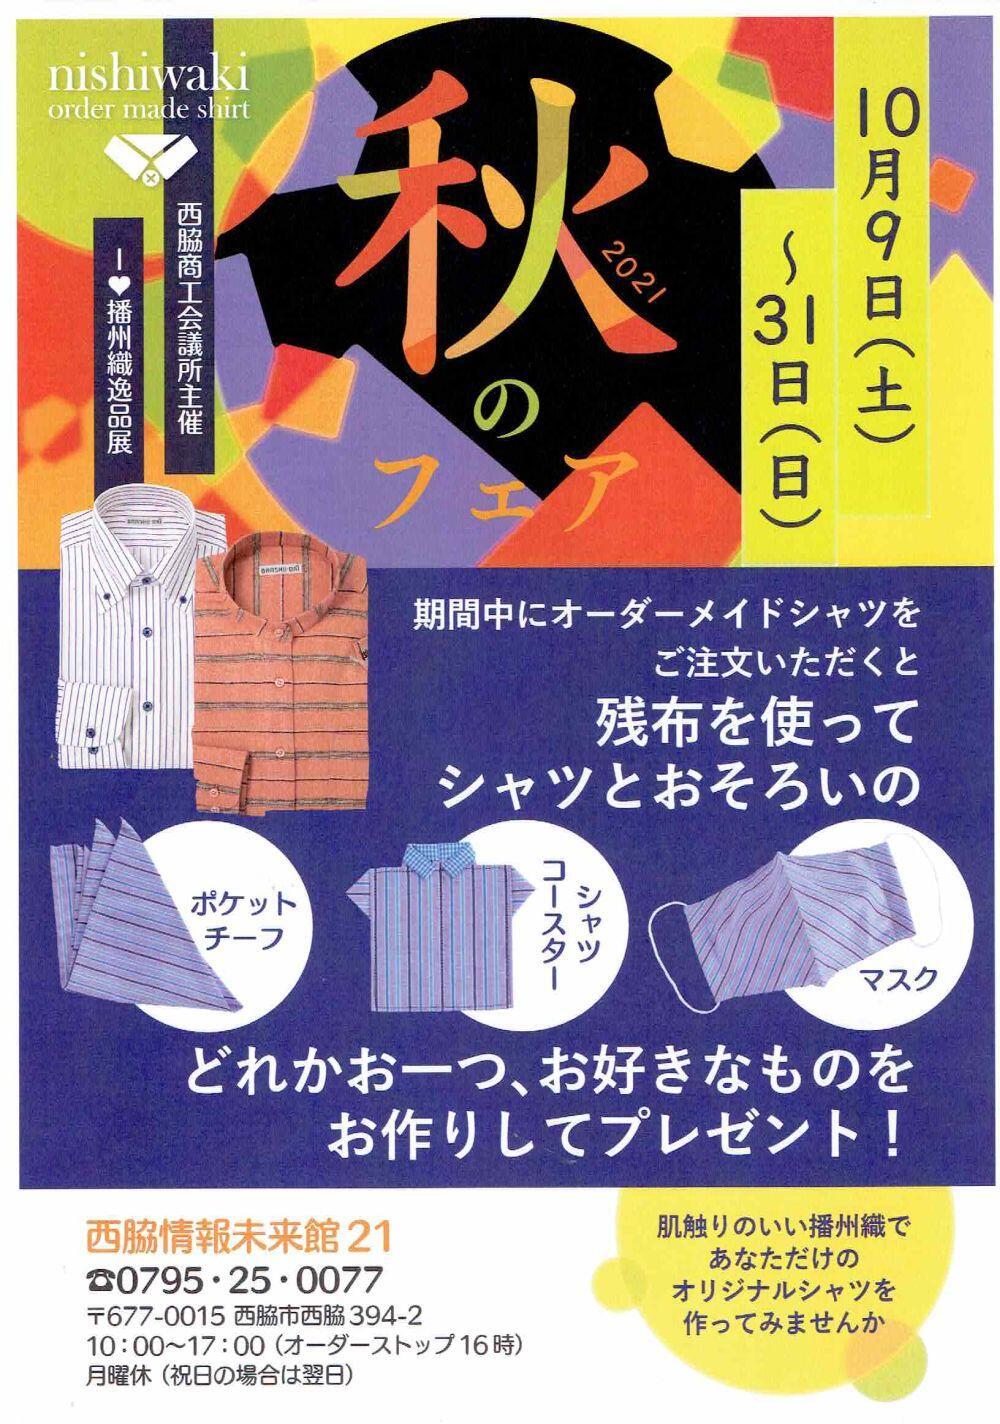 ~10/31 秋のフェア:西脇情報未来館21